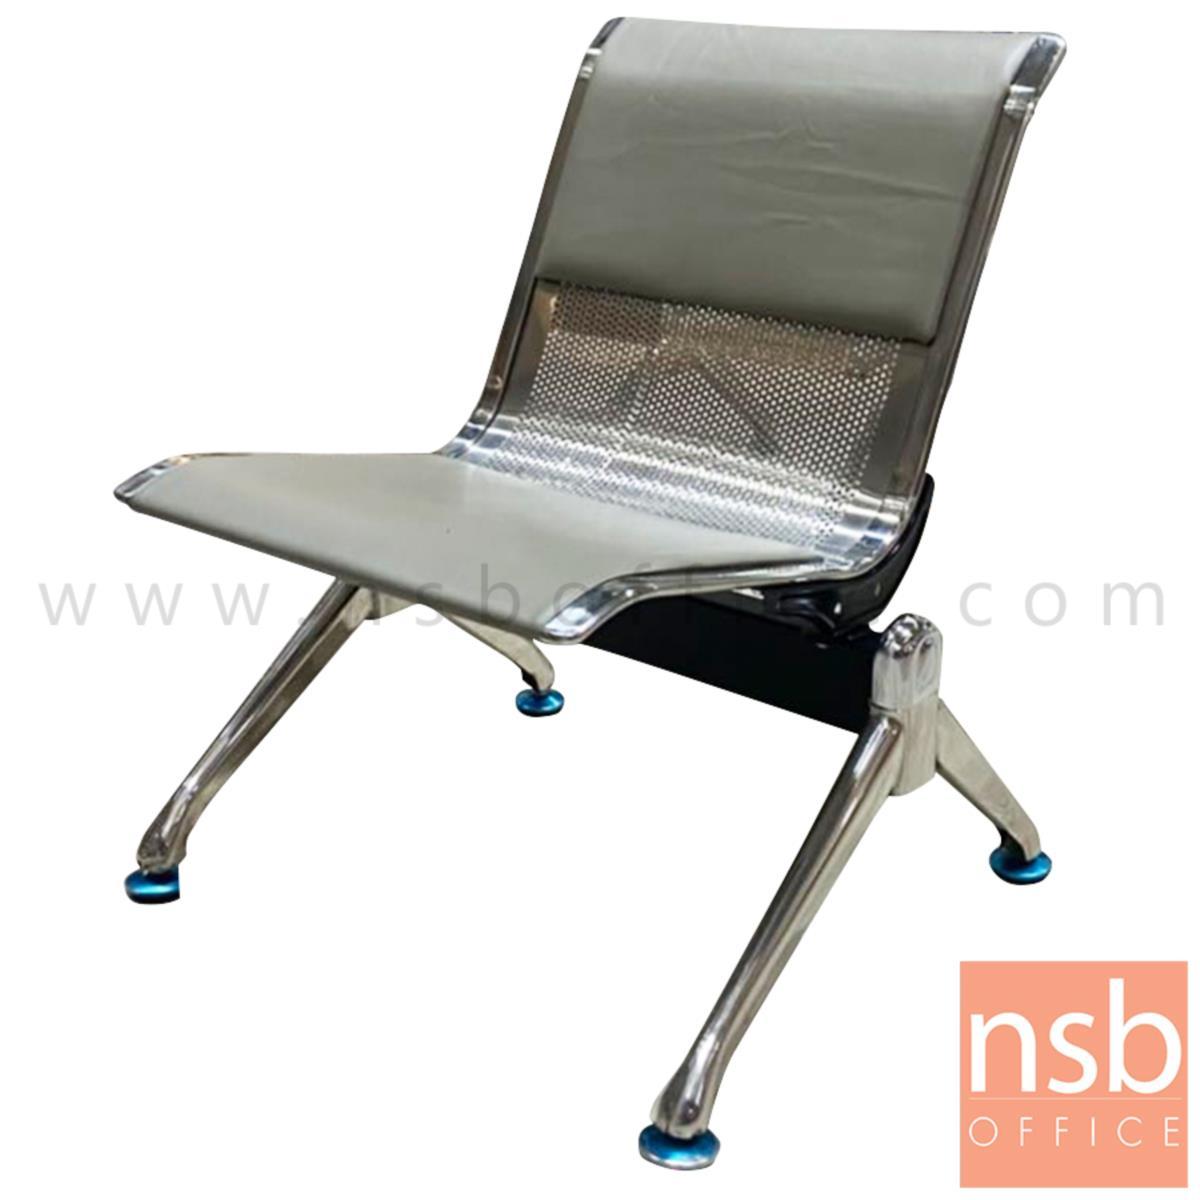 B06A155:เก้าอี้นั่งคอยสแตนเลส รุ่น Elvarli (เอลวาร์ลี) 1 ที่นั่ง ขาสแตนเลส